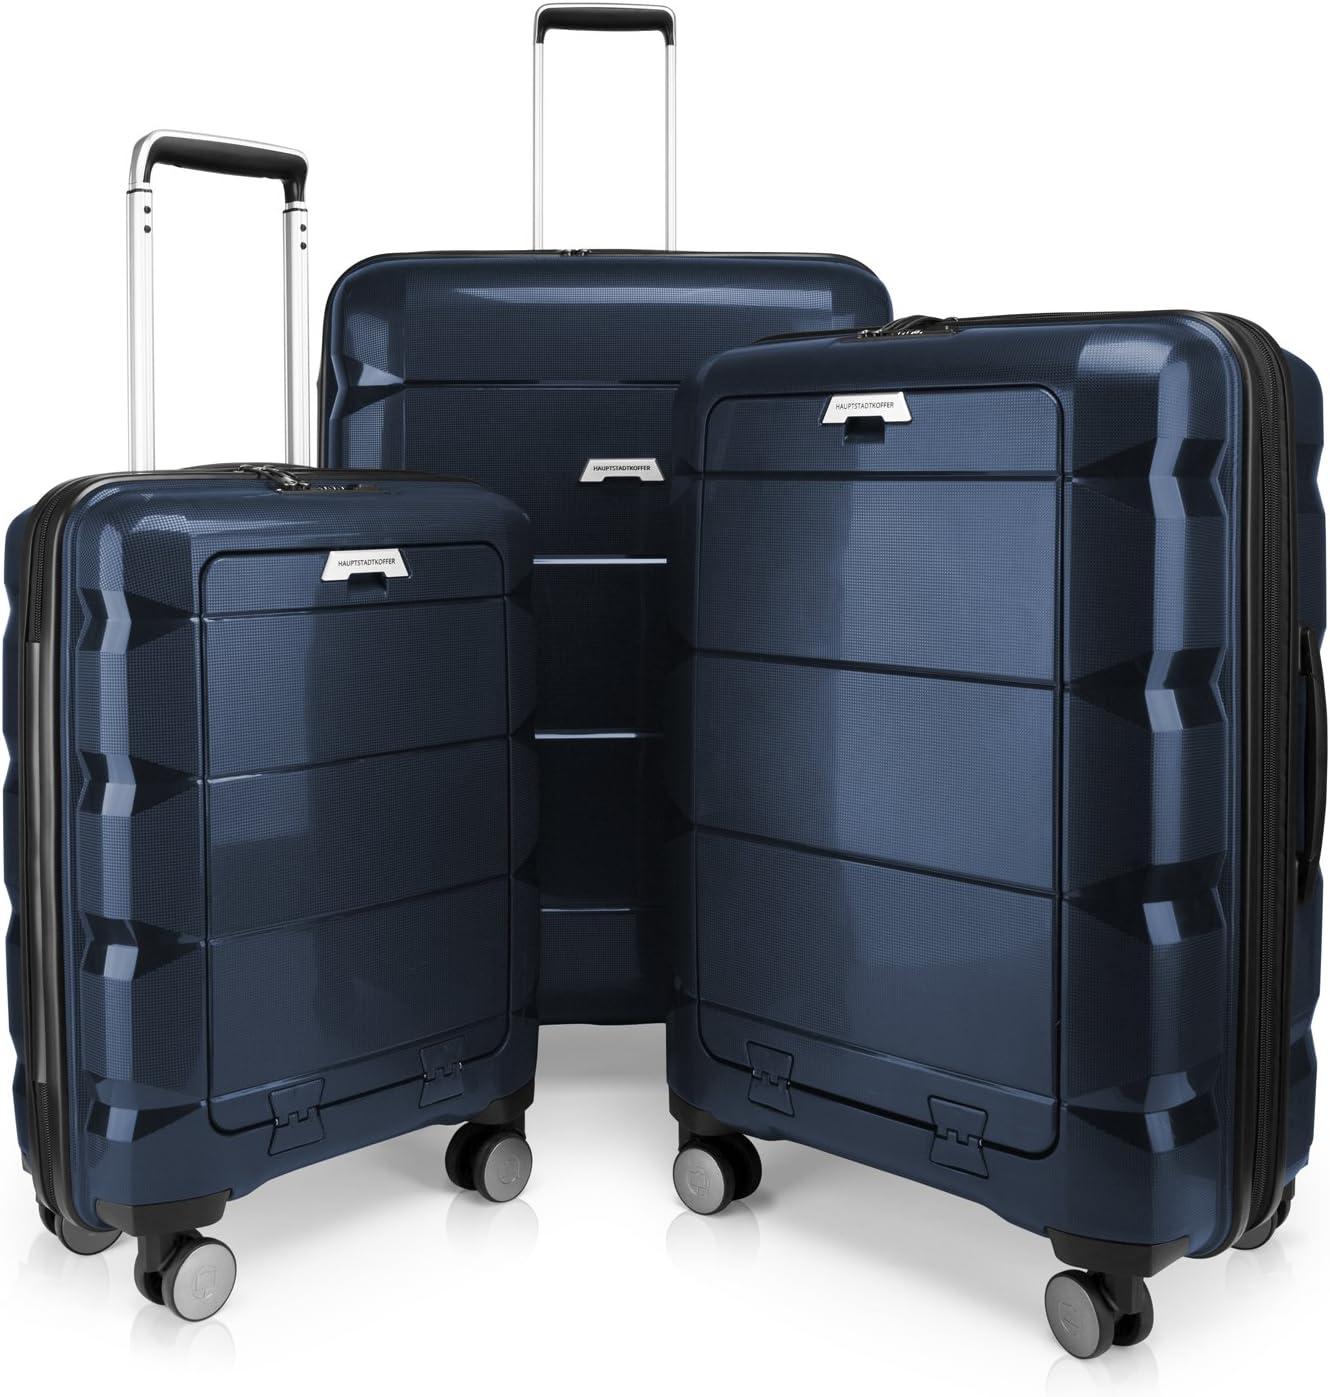 HAUPTSTADTKOFFER - BRITZ - Juego de 3 Piezas (55 cm, 66 cm, 75 cm), Maleta rígida giratoria, Trolley, TSA, 4 rudeas – Azul Oscuro